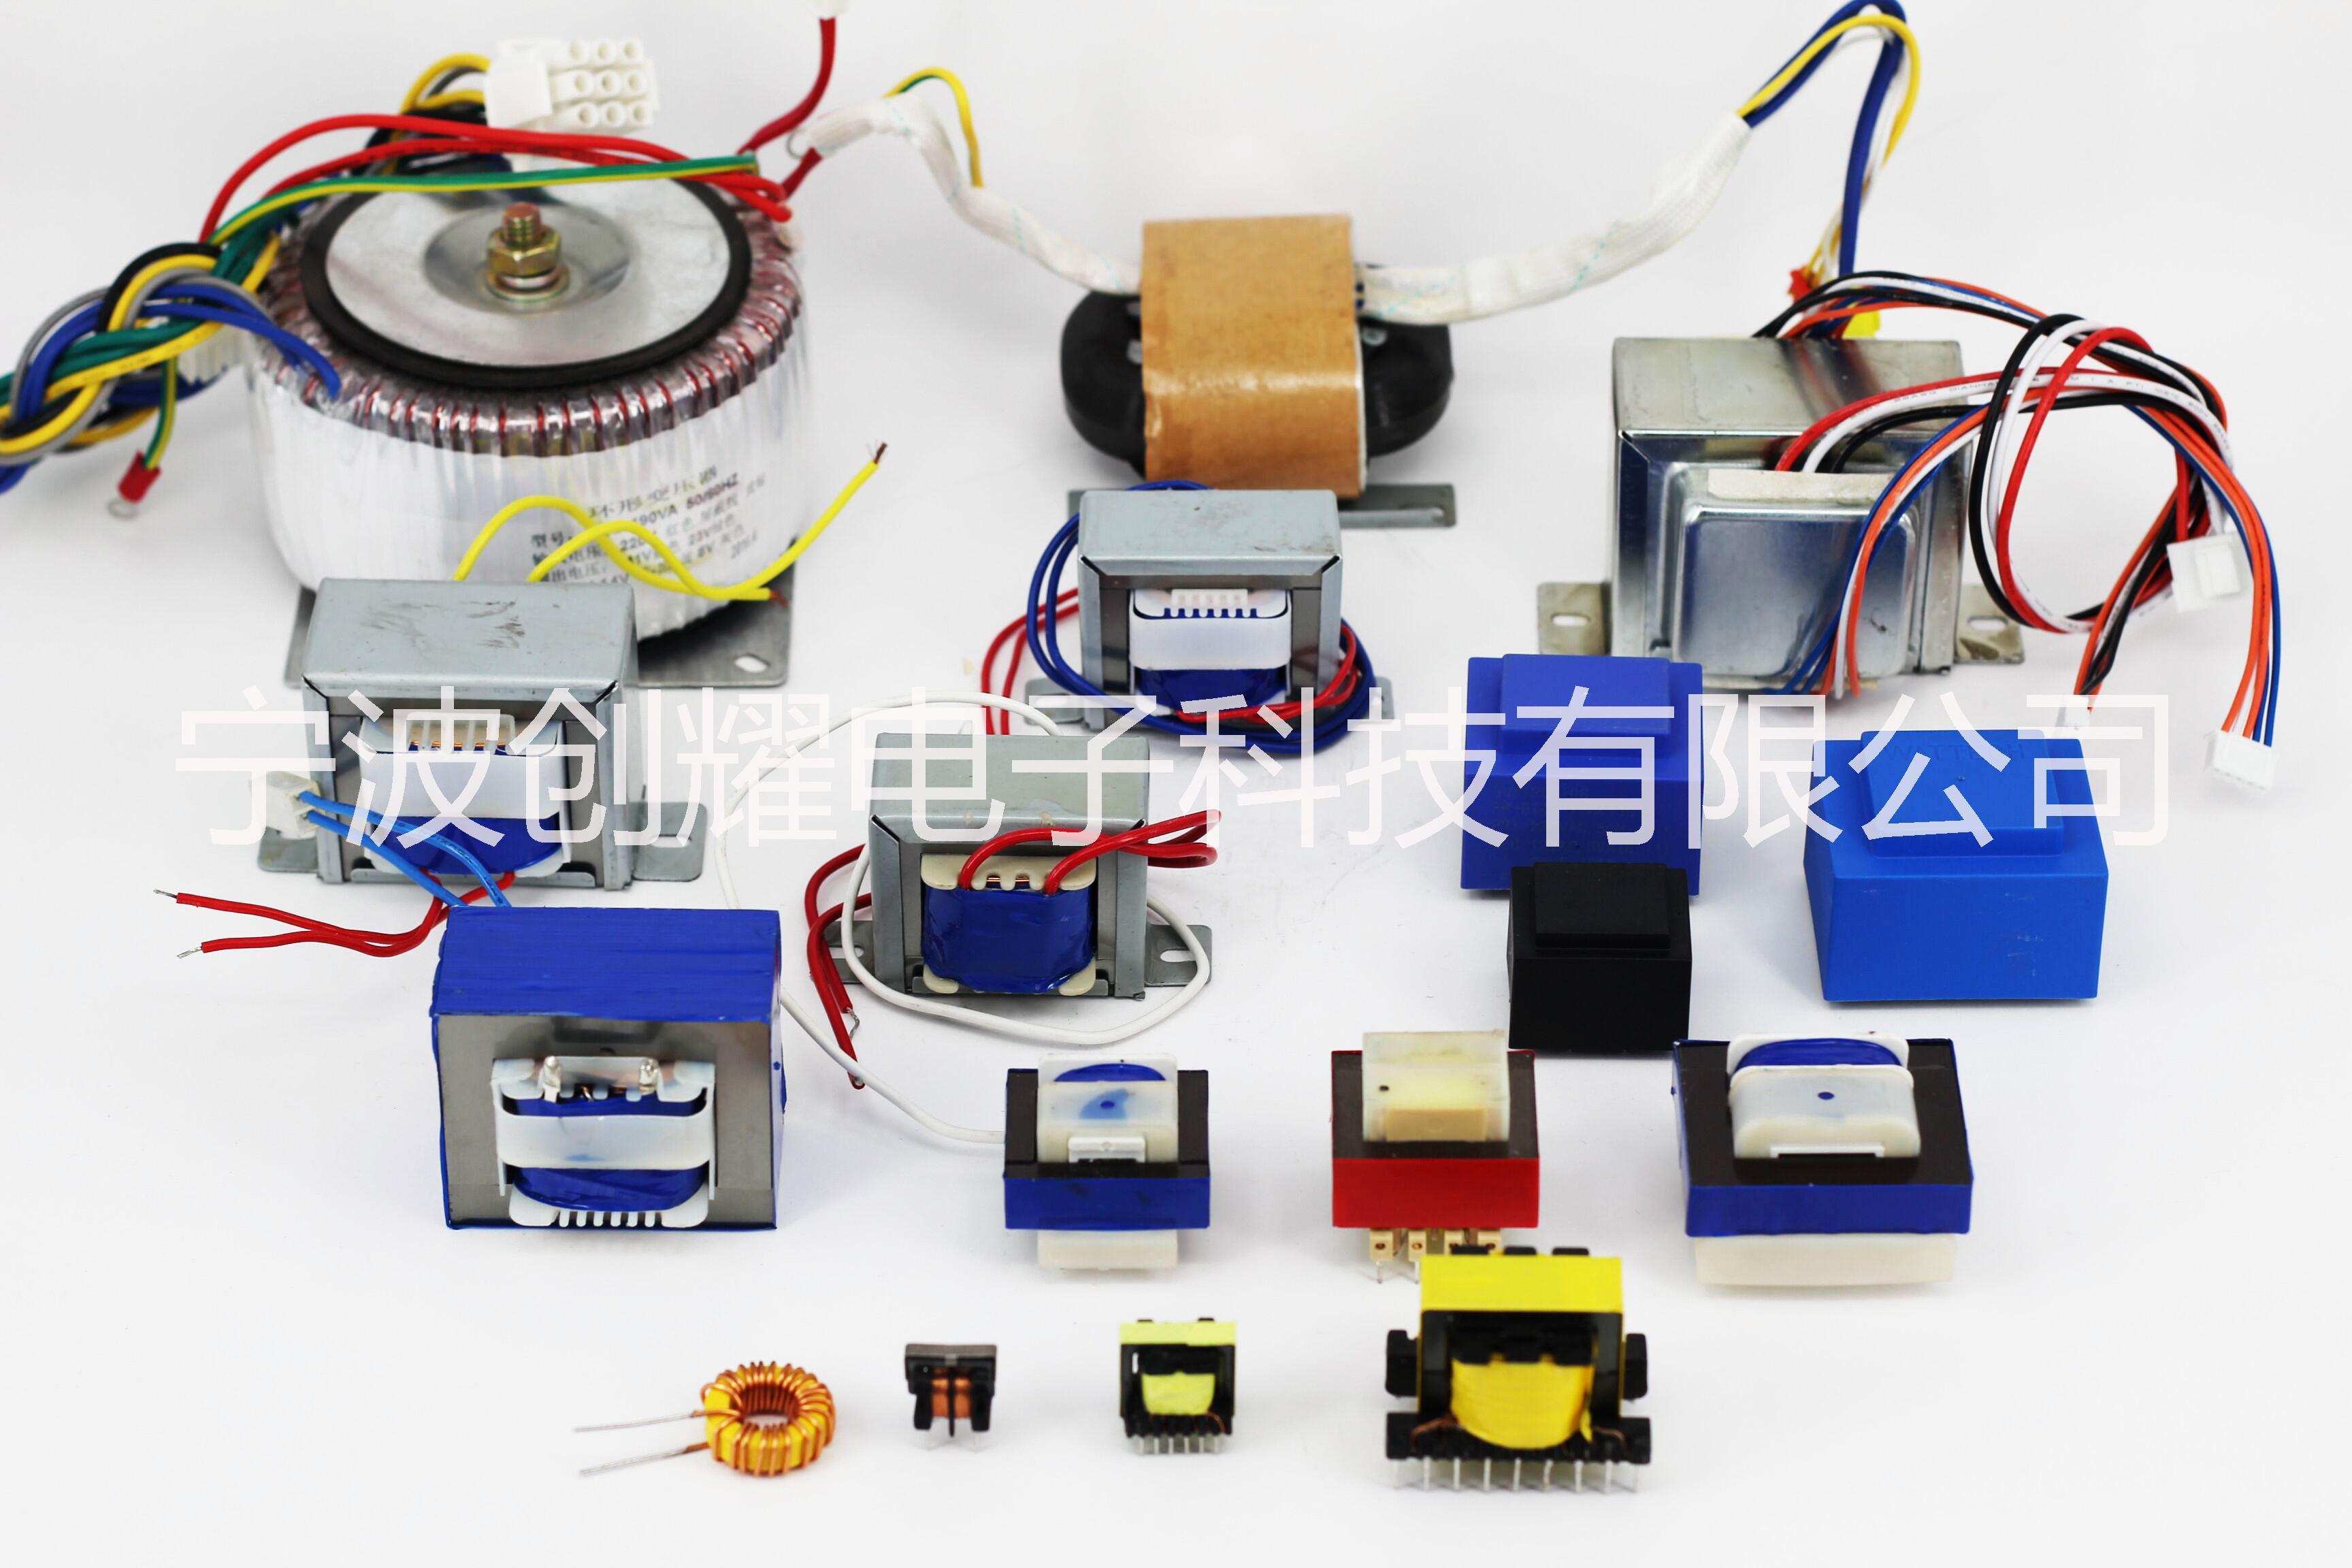 供应各类电子变压器 灌封变压器定制厂家 宁波变压器厂家